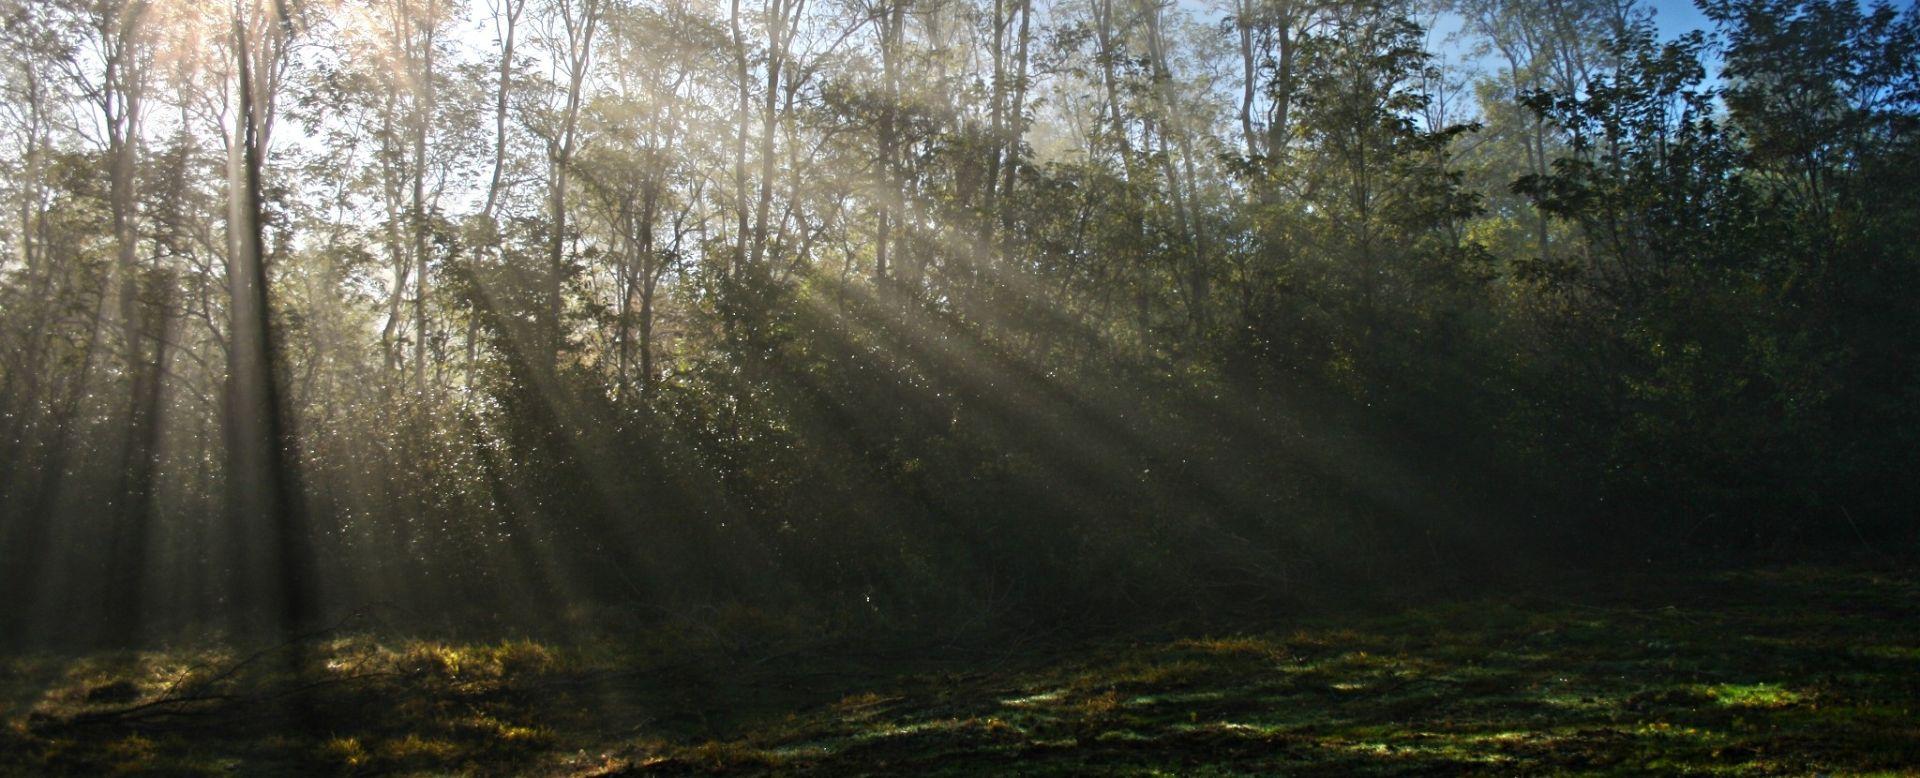 U SLAVONIJI DUGOTRAJNA MAGLA Pretežno sunčano, temperature do 17 u unutrašnjosti, do 21 na Jadranu